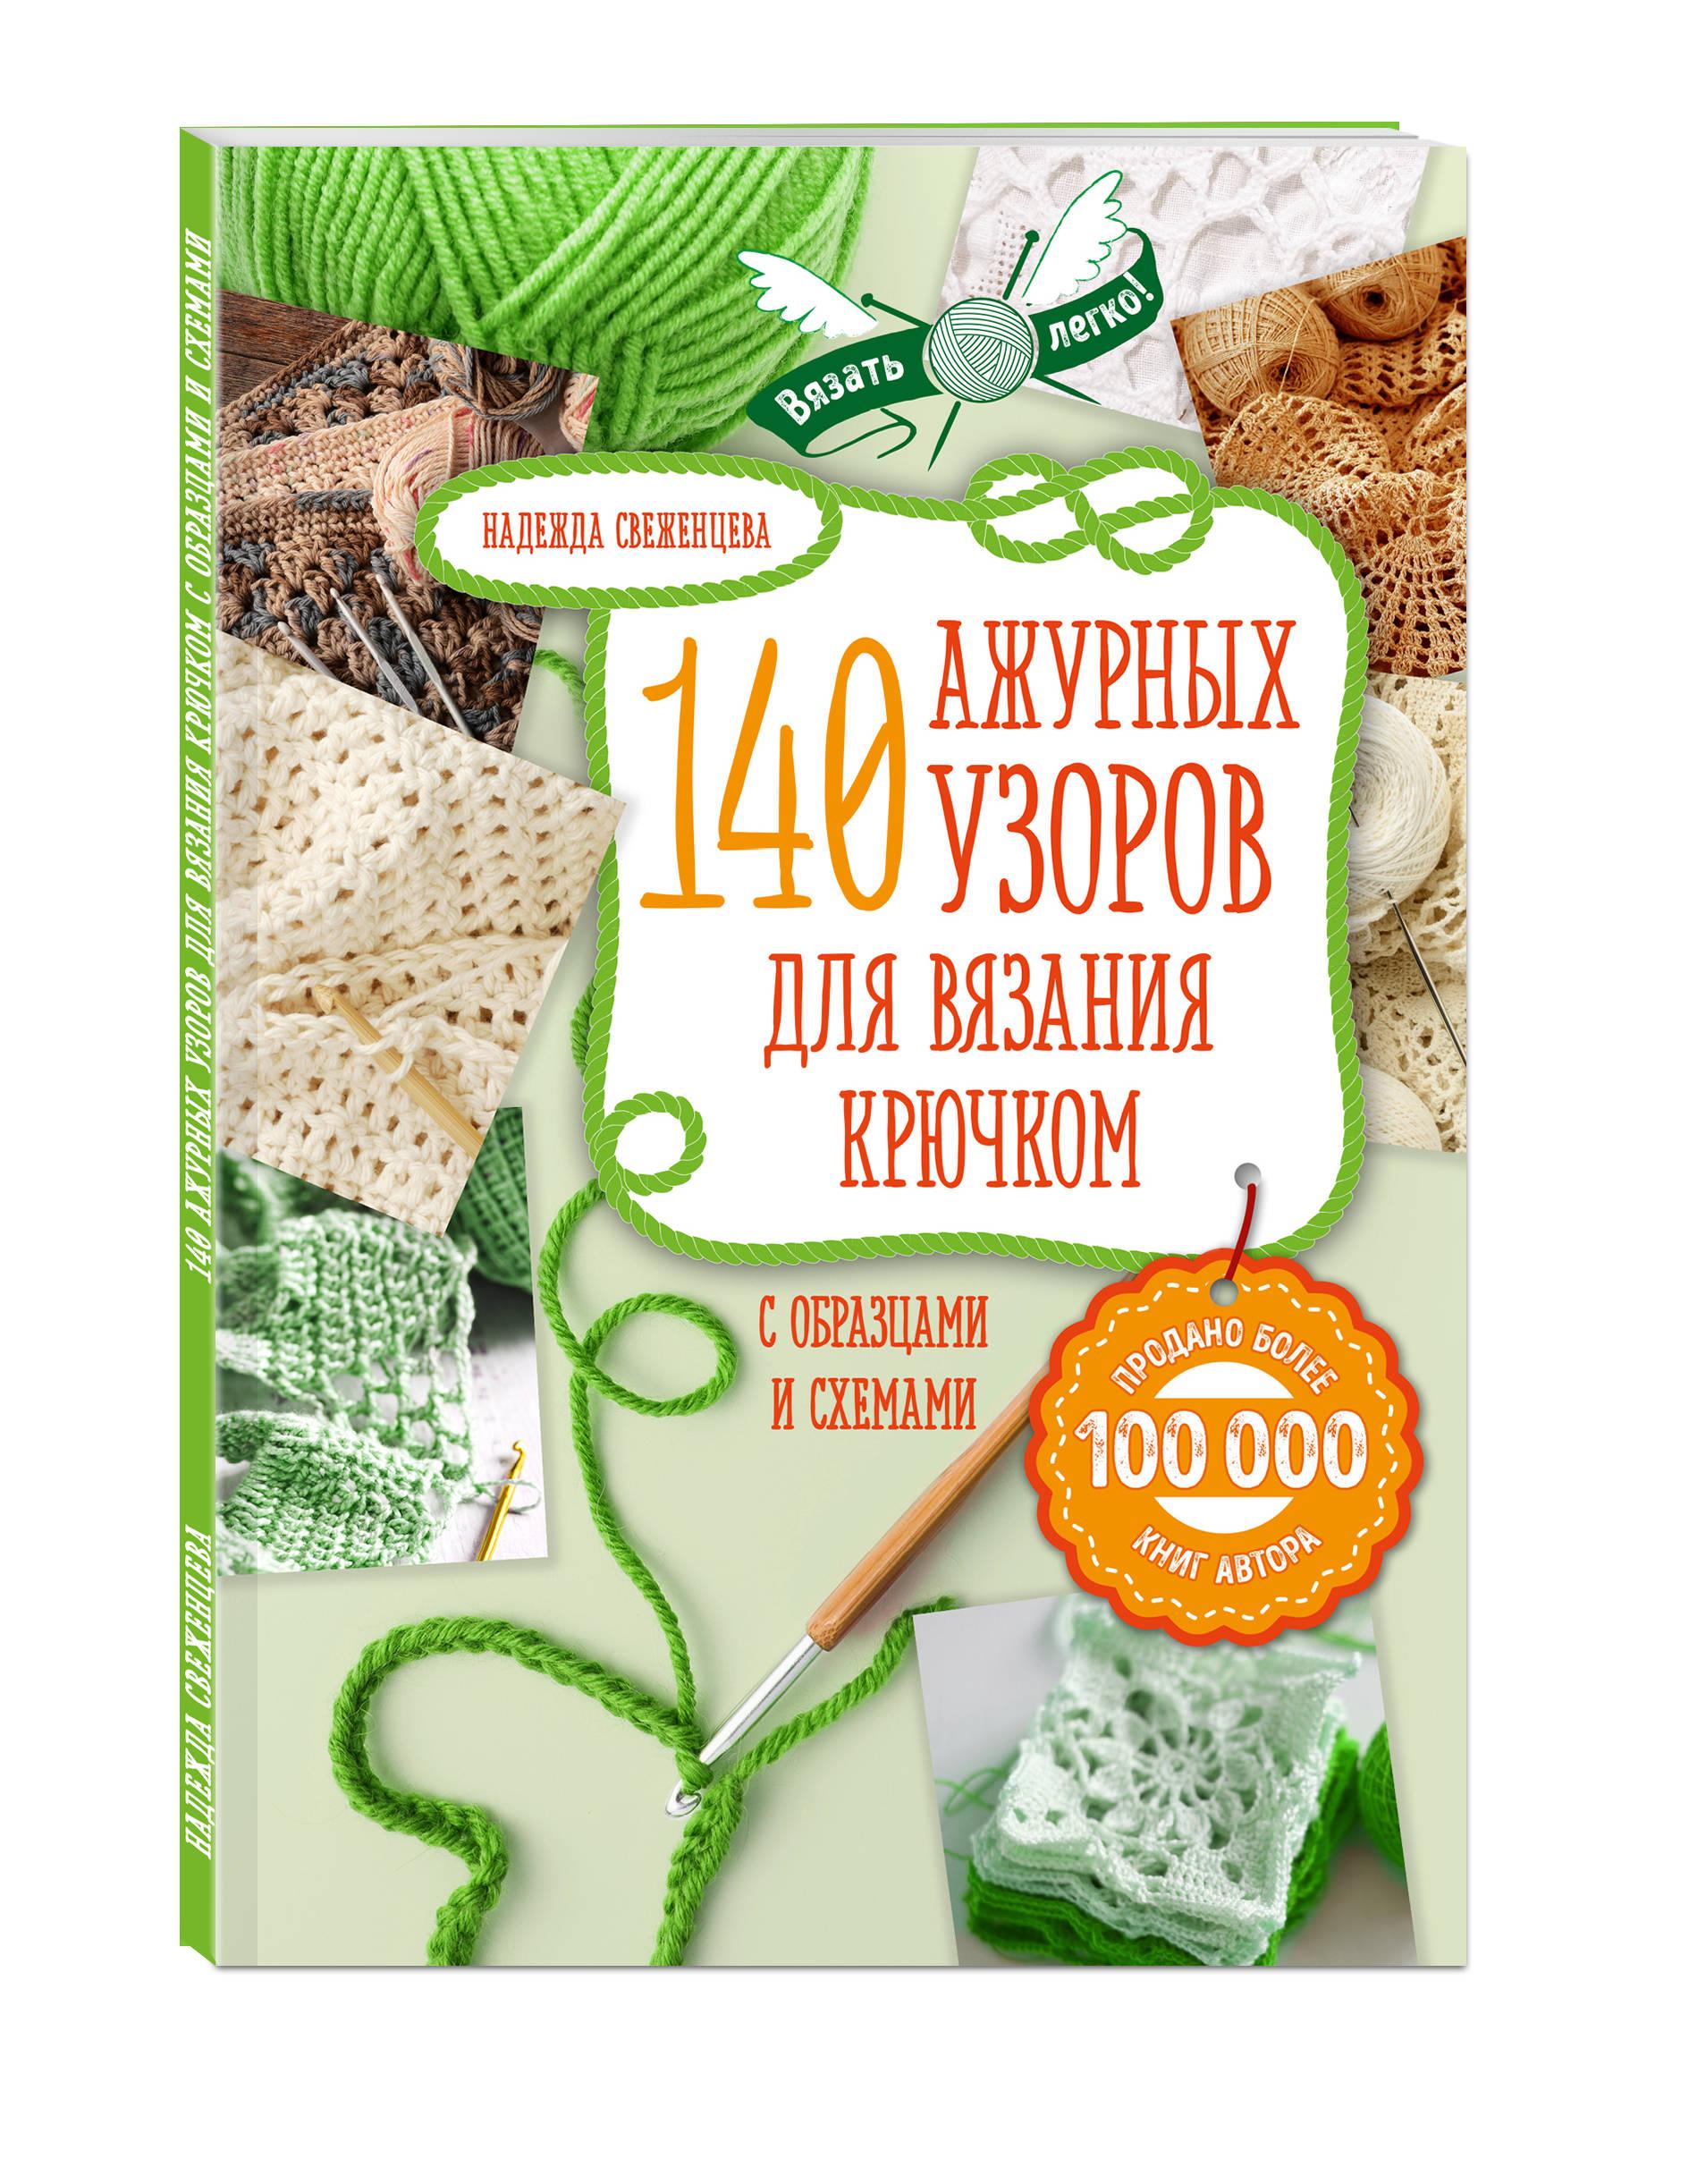 Свеженцева Н.А. Ажур. 140 лучших узоров для вязания крючком с образцами и схемами